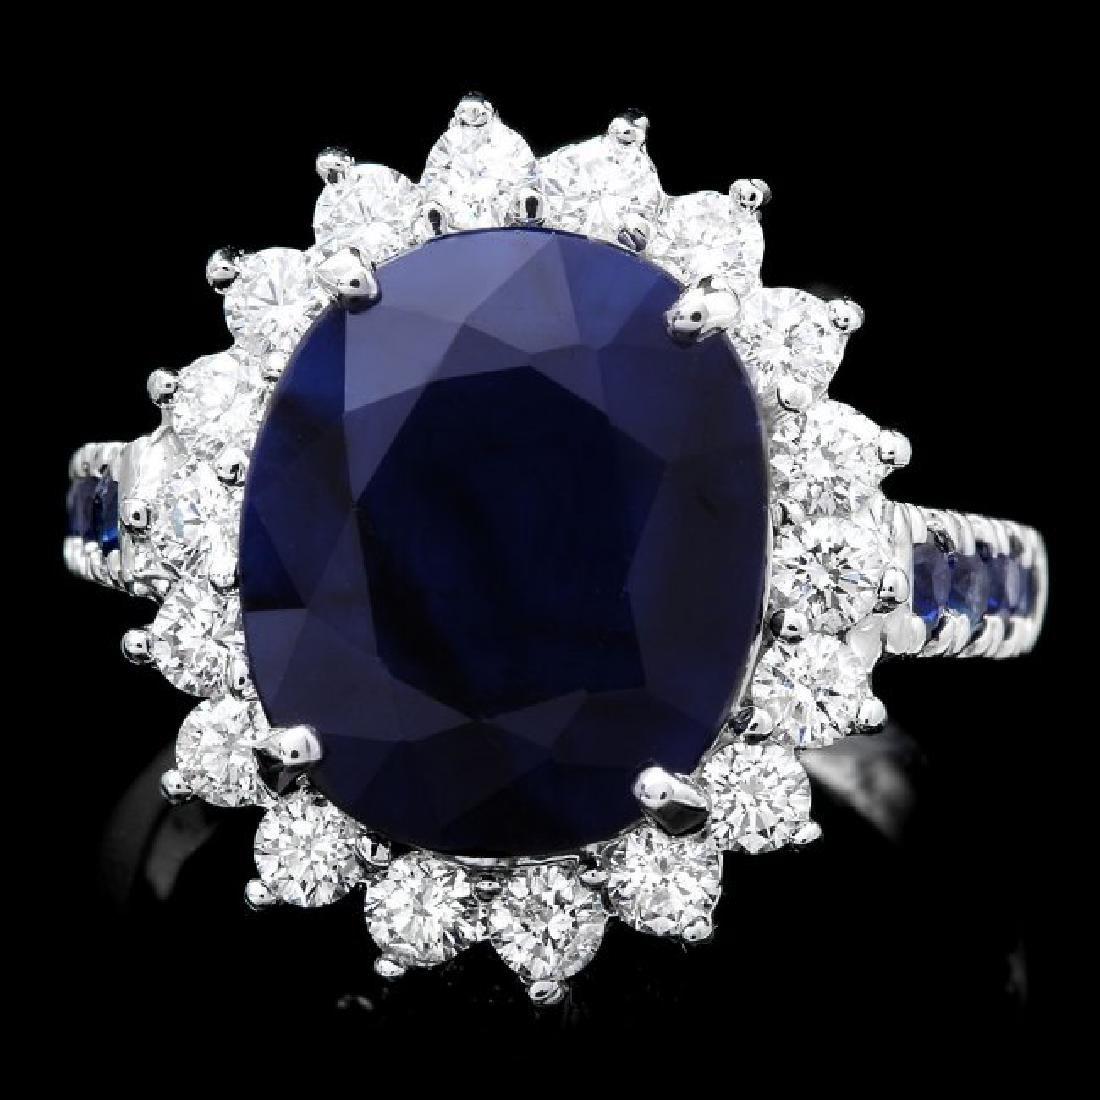 14k White Gold 7.5ct Sapphire 1.00ct Diamond Ring